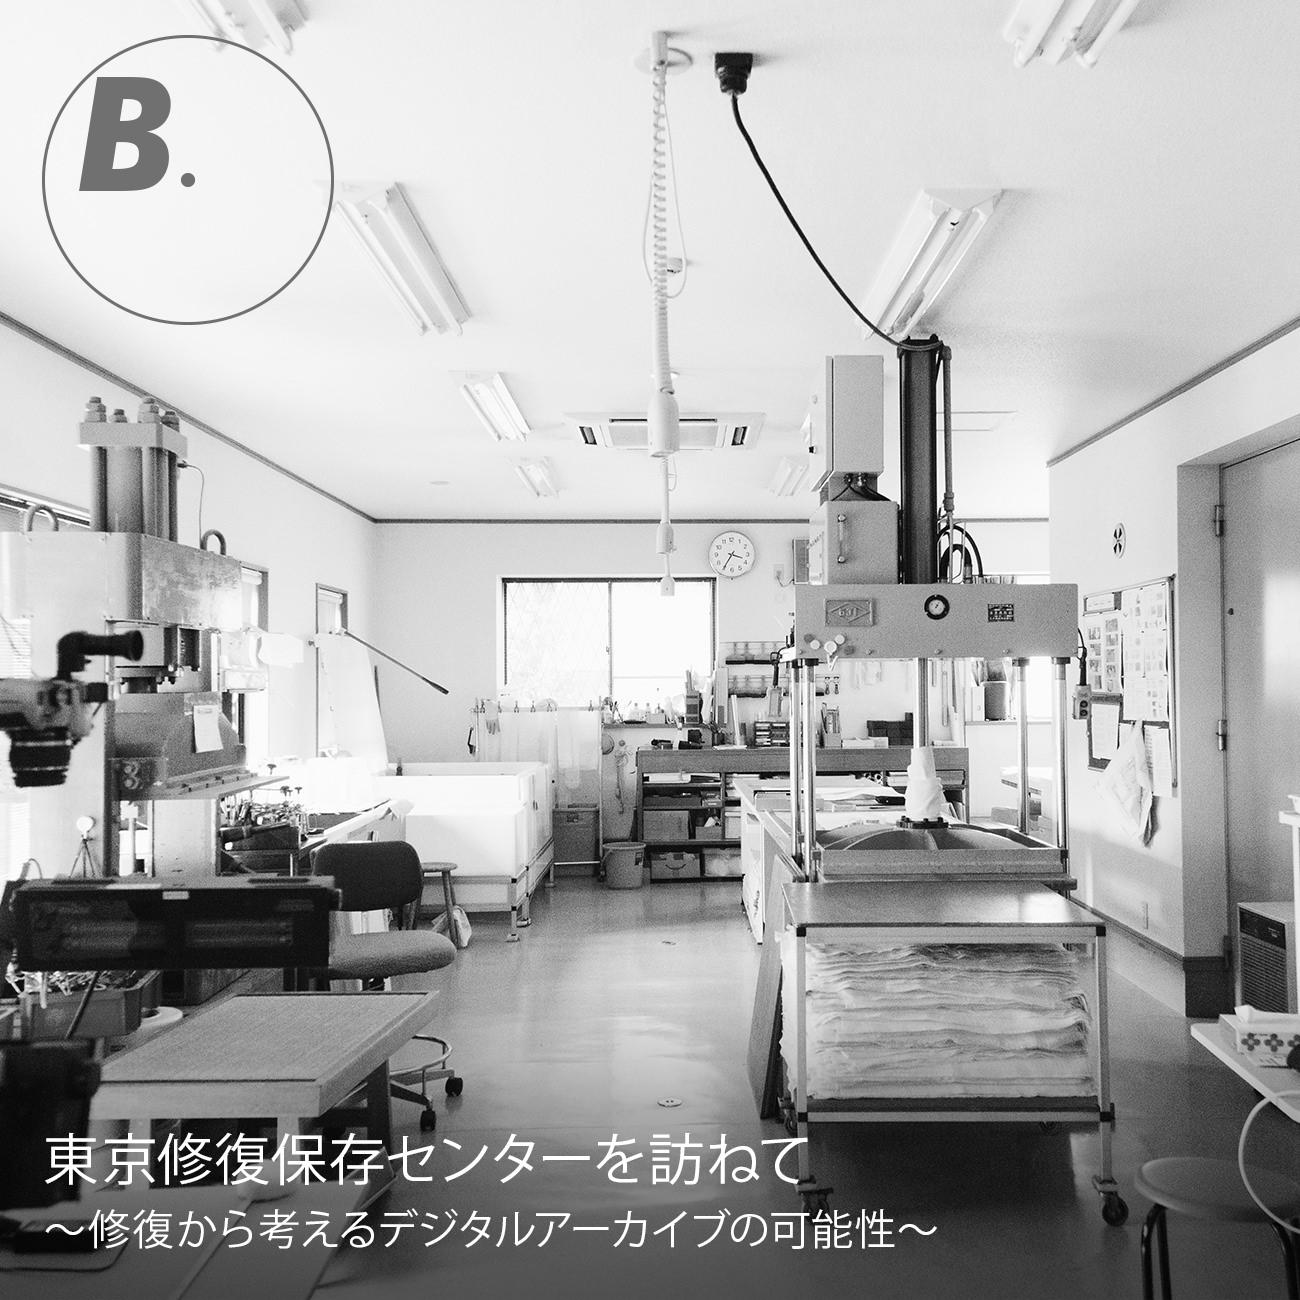 東京修復保存センターを訪ねて